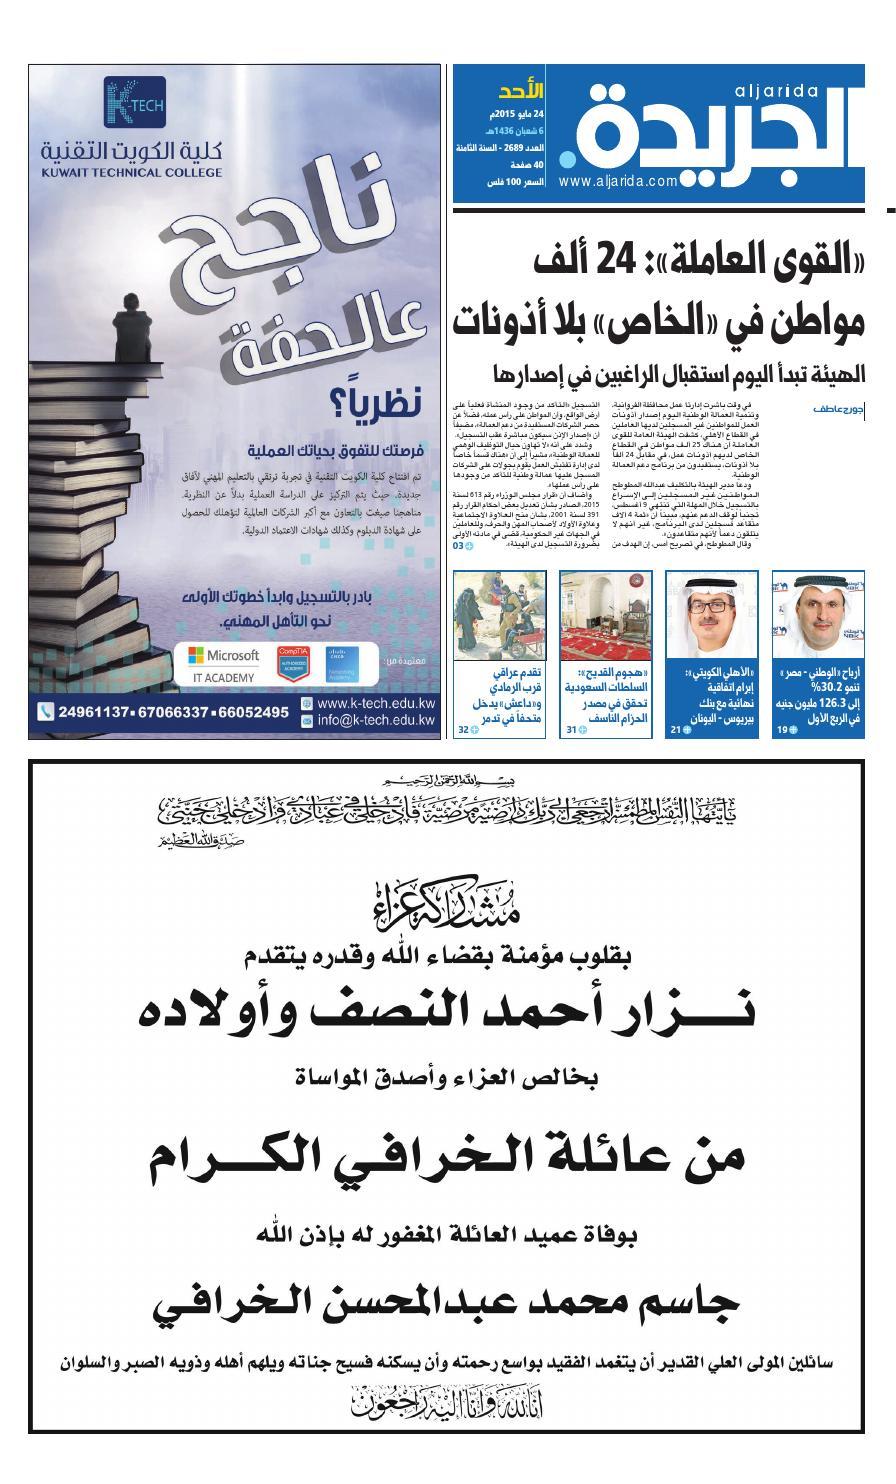 c31cc39a9 عدد الجريدة 24 مايو 2015 by Aljarida Newspaper - issuu